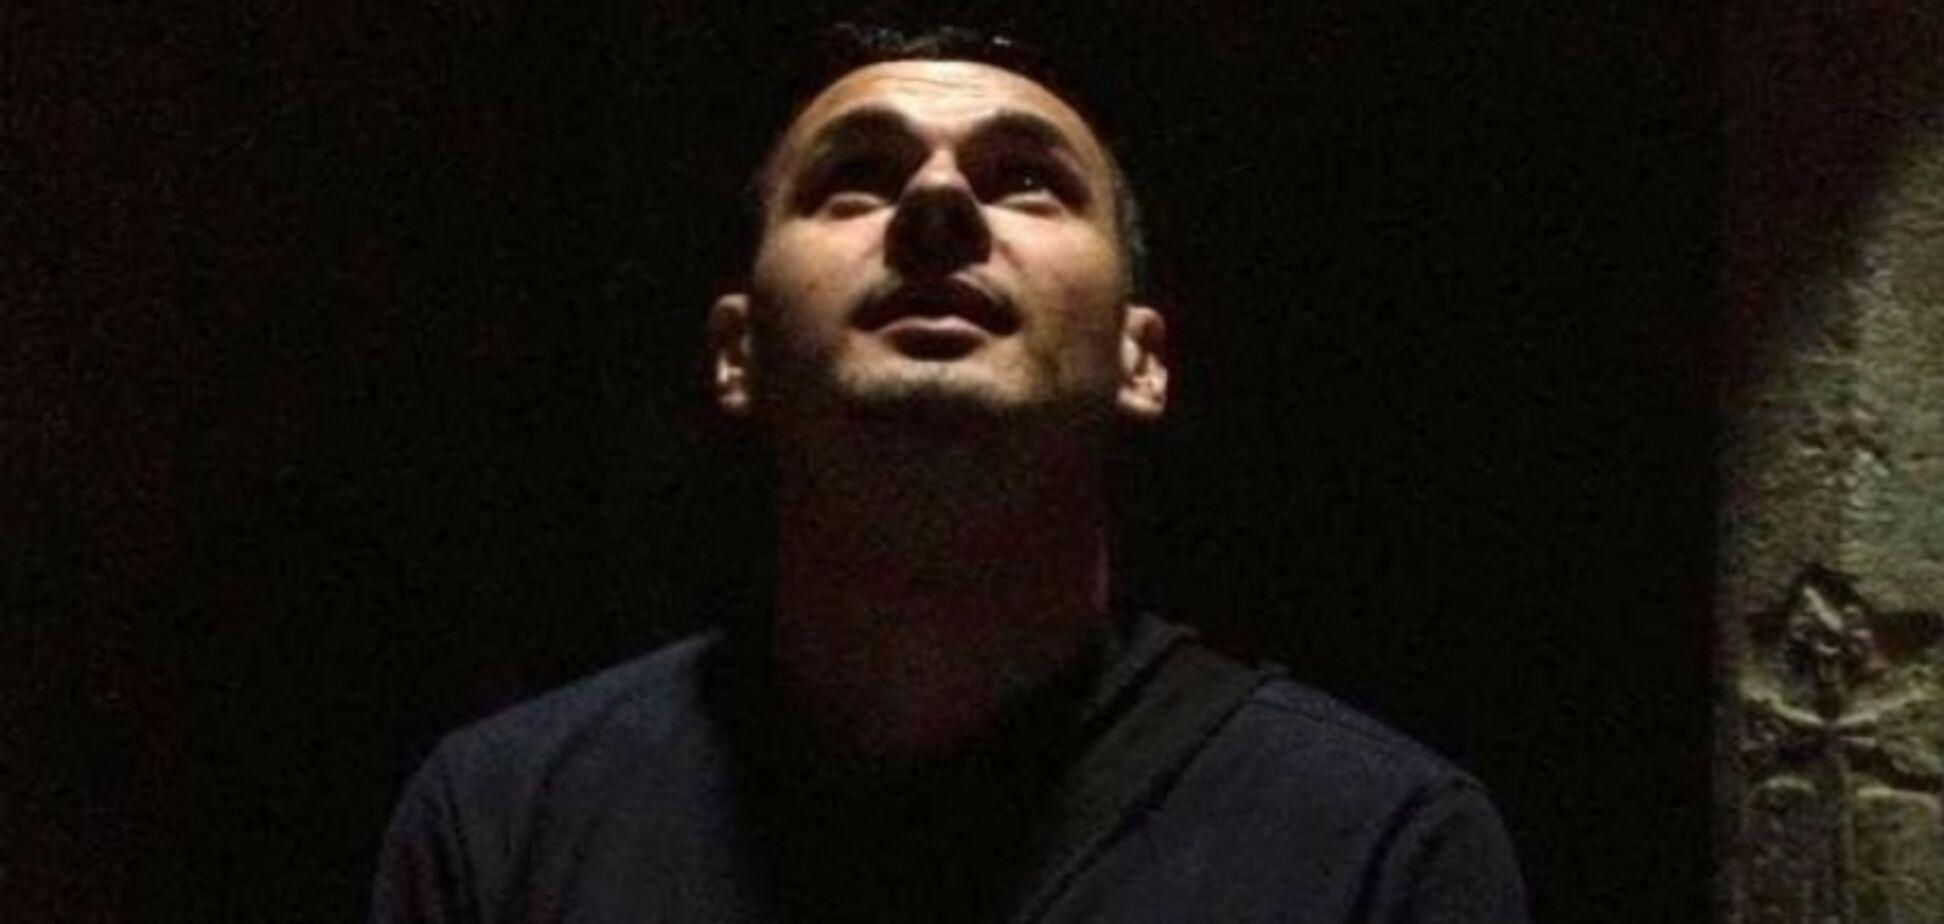 'Это кто? Хо*ляцкий режиссер? Не, на фиг': как москвичи реагируют на листовки о Сенцове